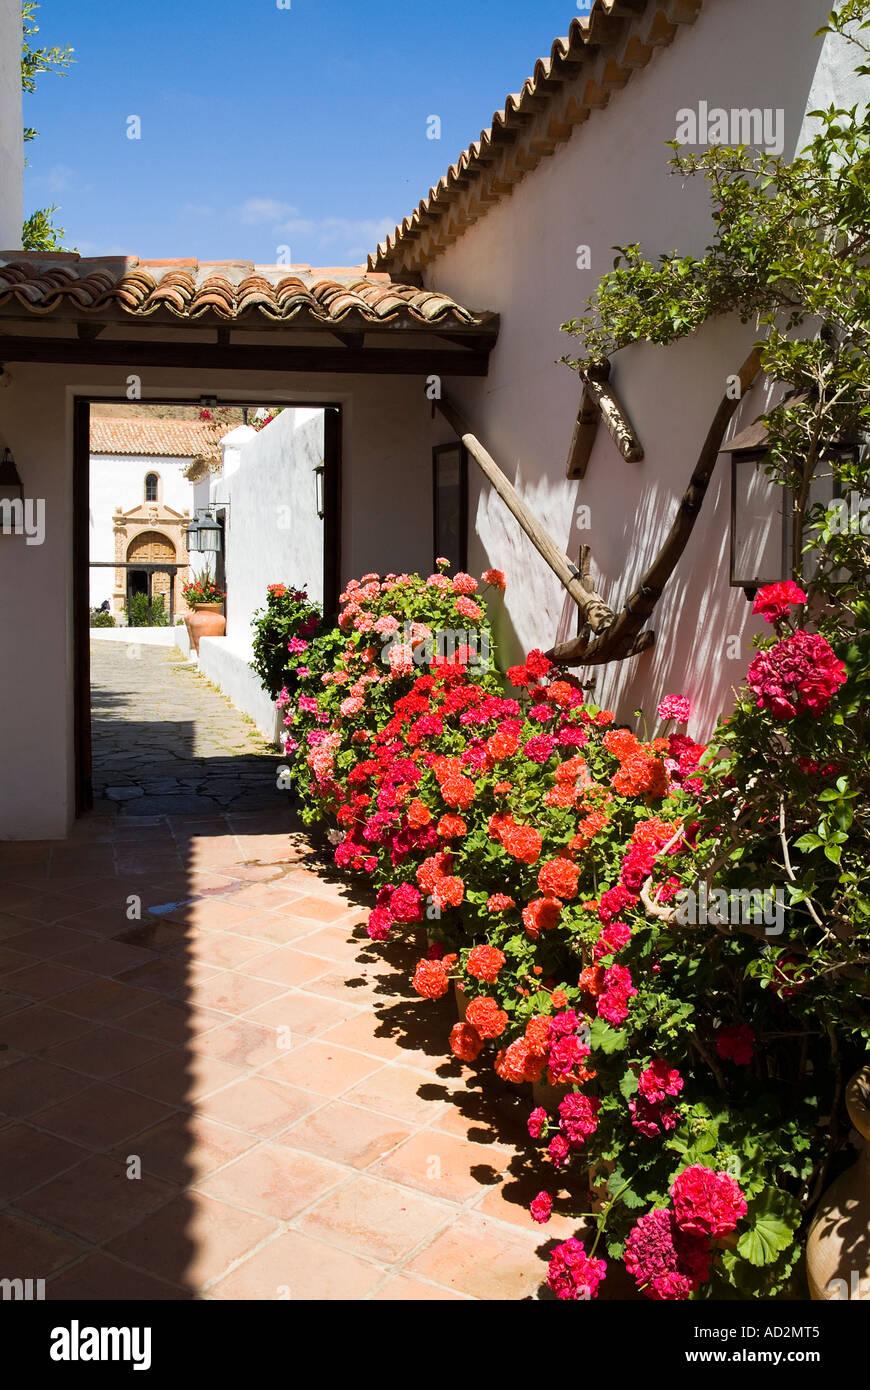 dh Casa Santa Maria BETANCURIA FUERTEVENTURA Fuerteventuran old ...